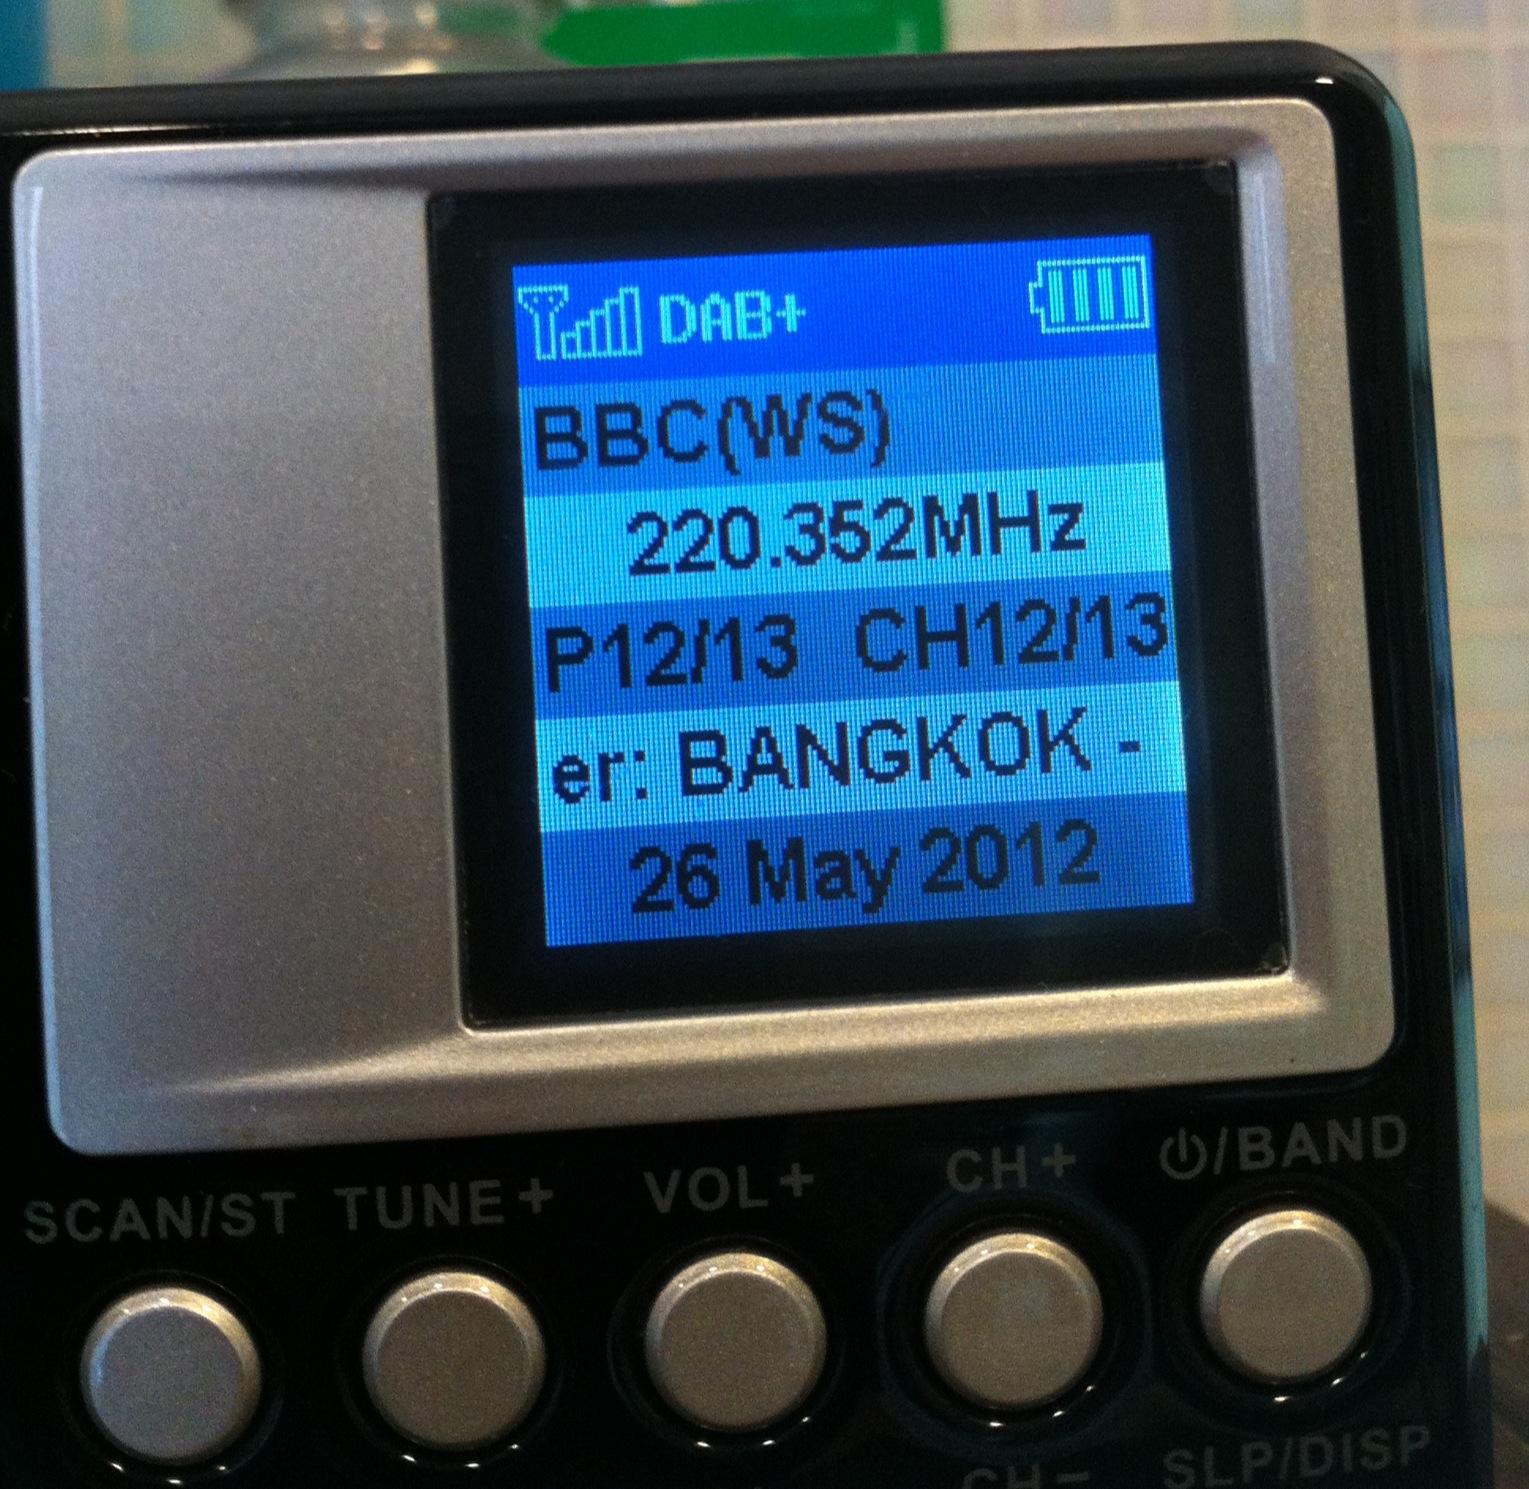 Digital Radio In The Bathroom Bunker